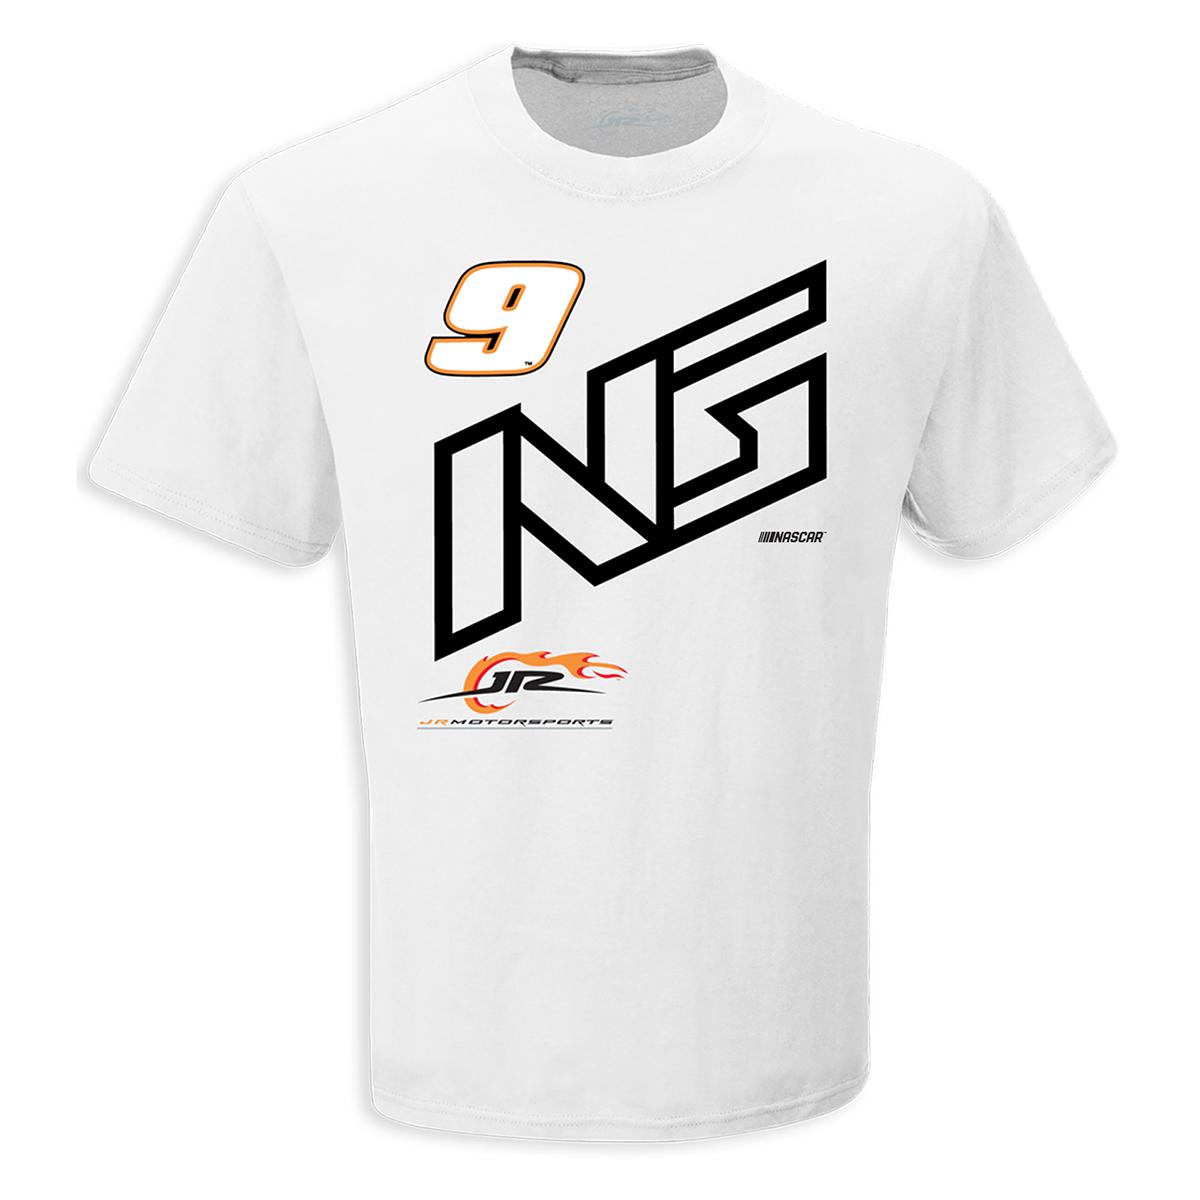 #1 NASCAR Noah Gragson White Initial T-shirt